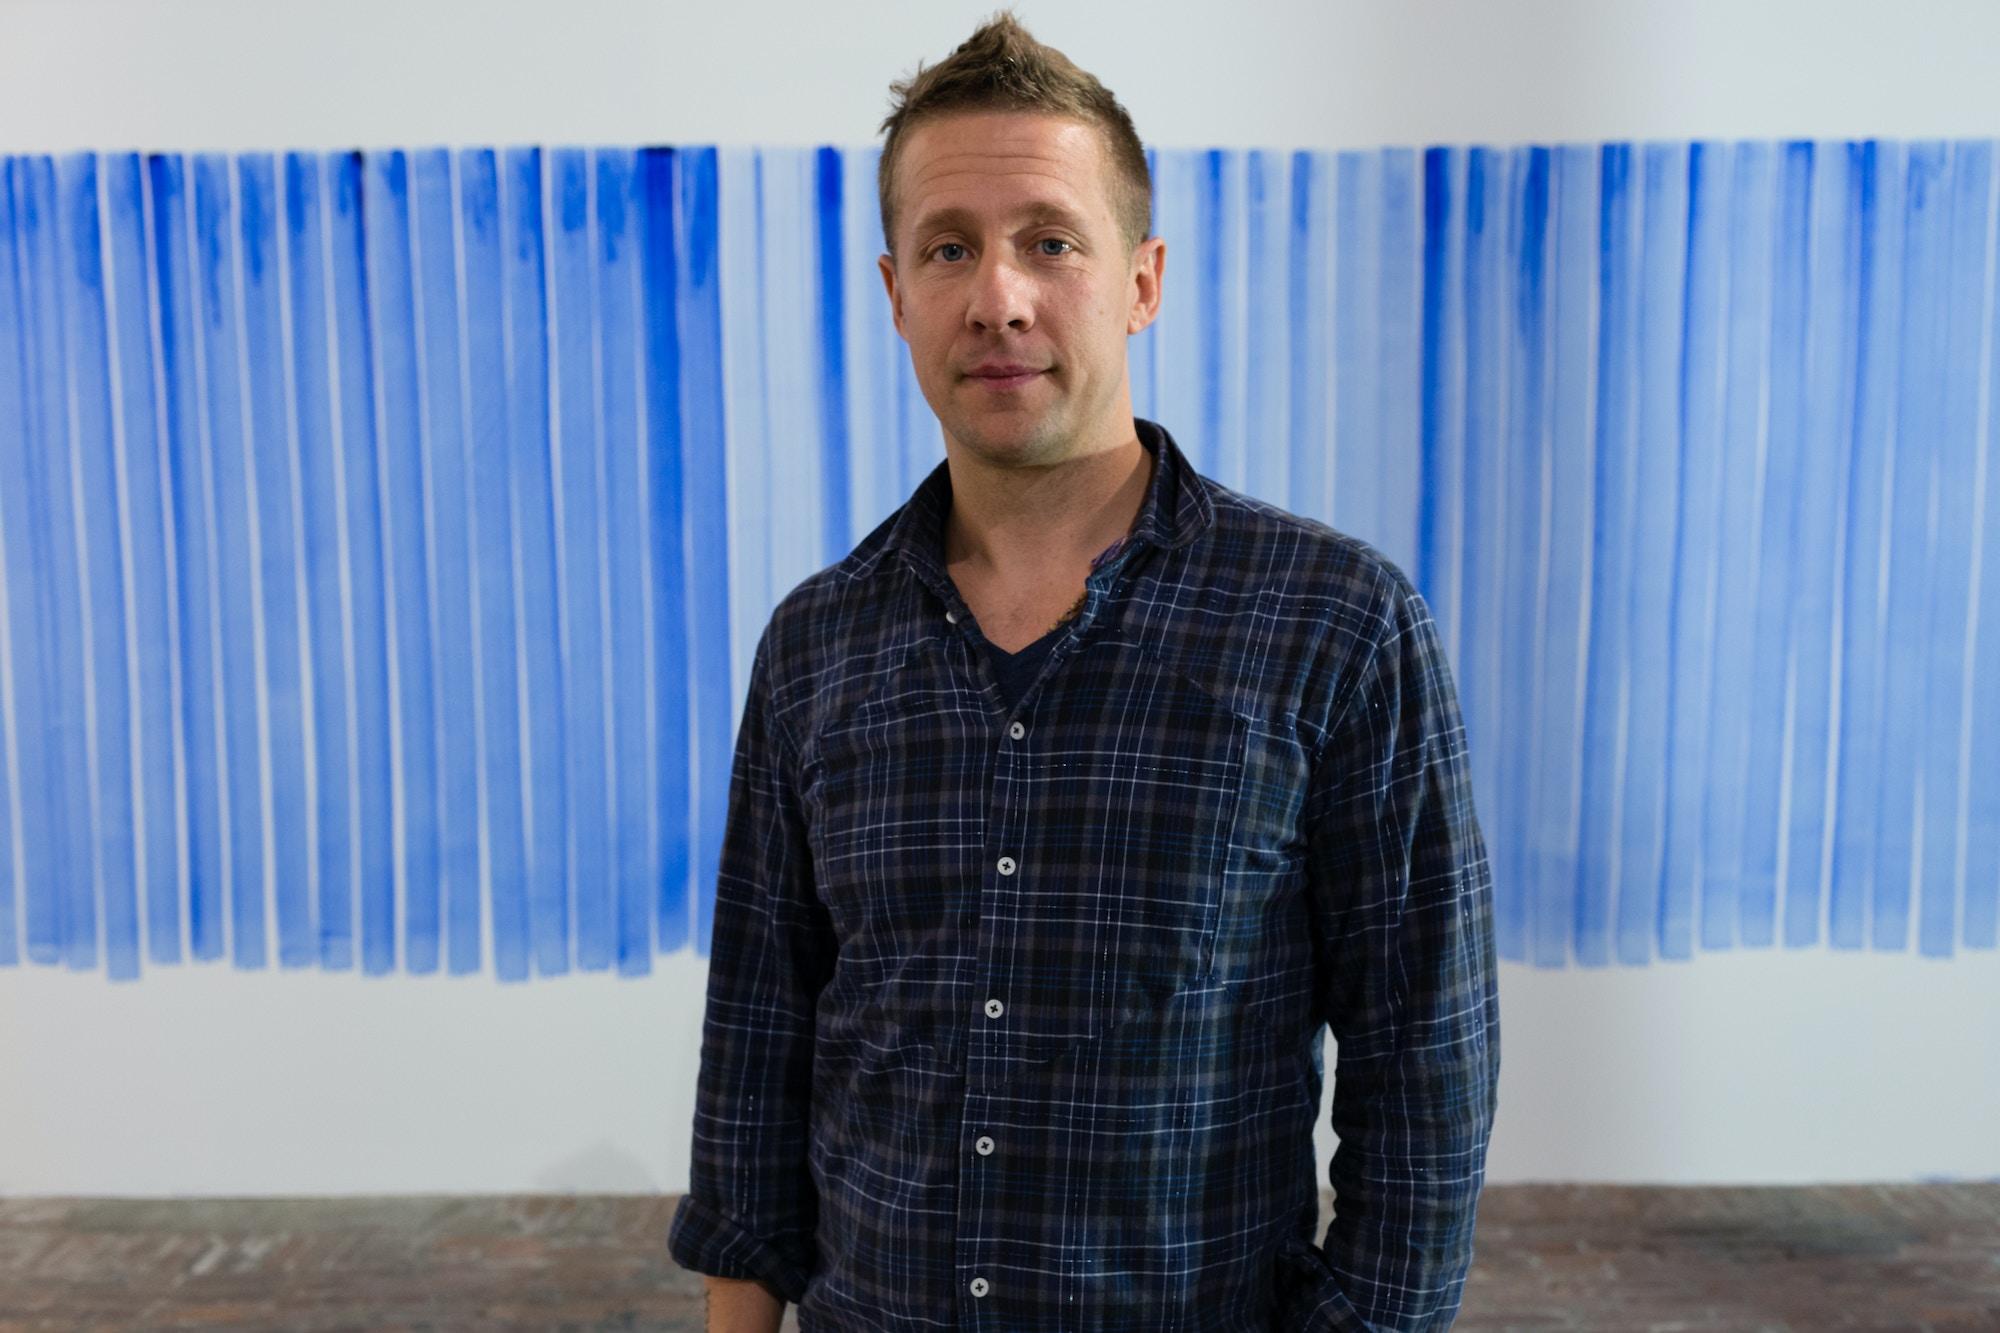 Kunsteneren Jeppe Hein foran en hvit vegg med blå penselstrøk på.